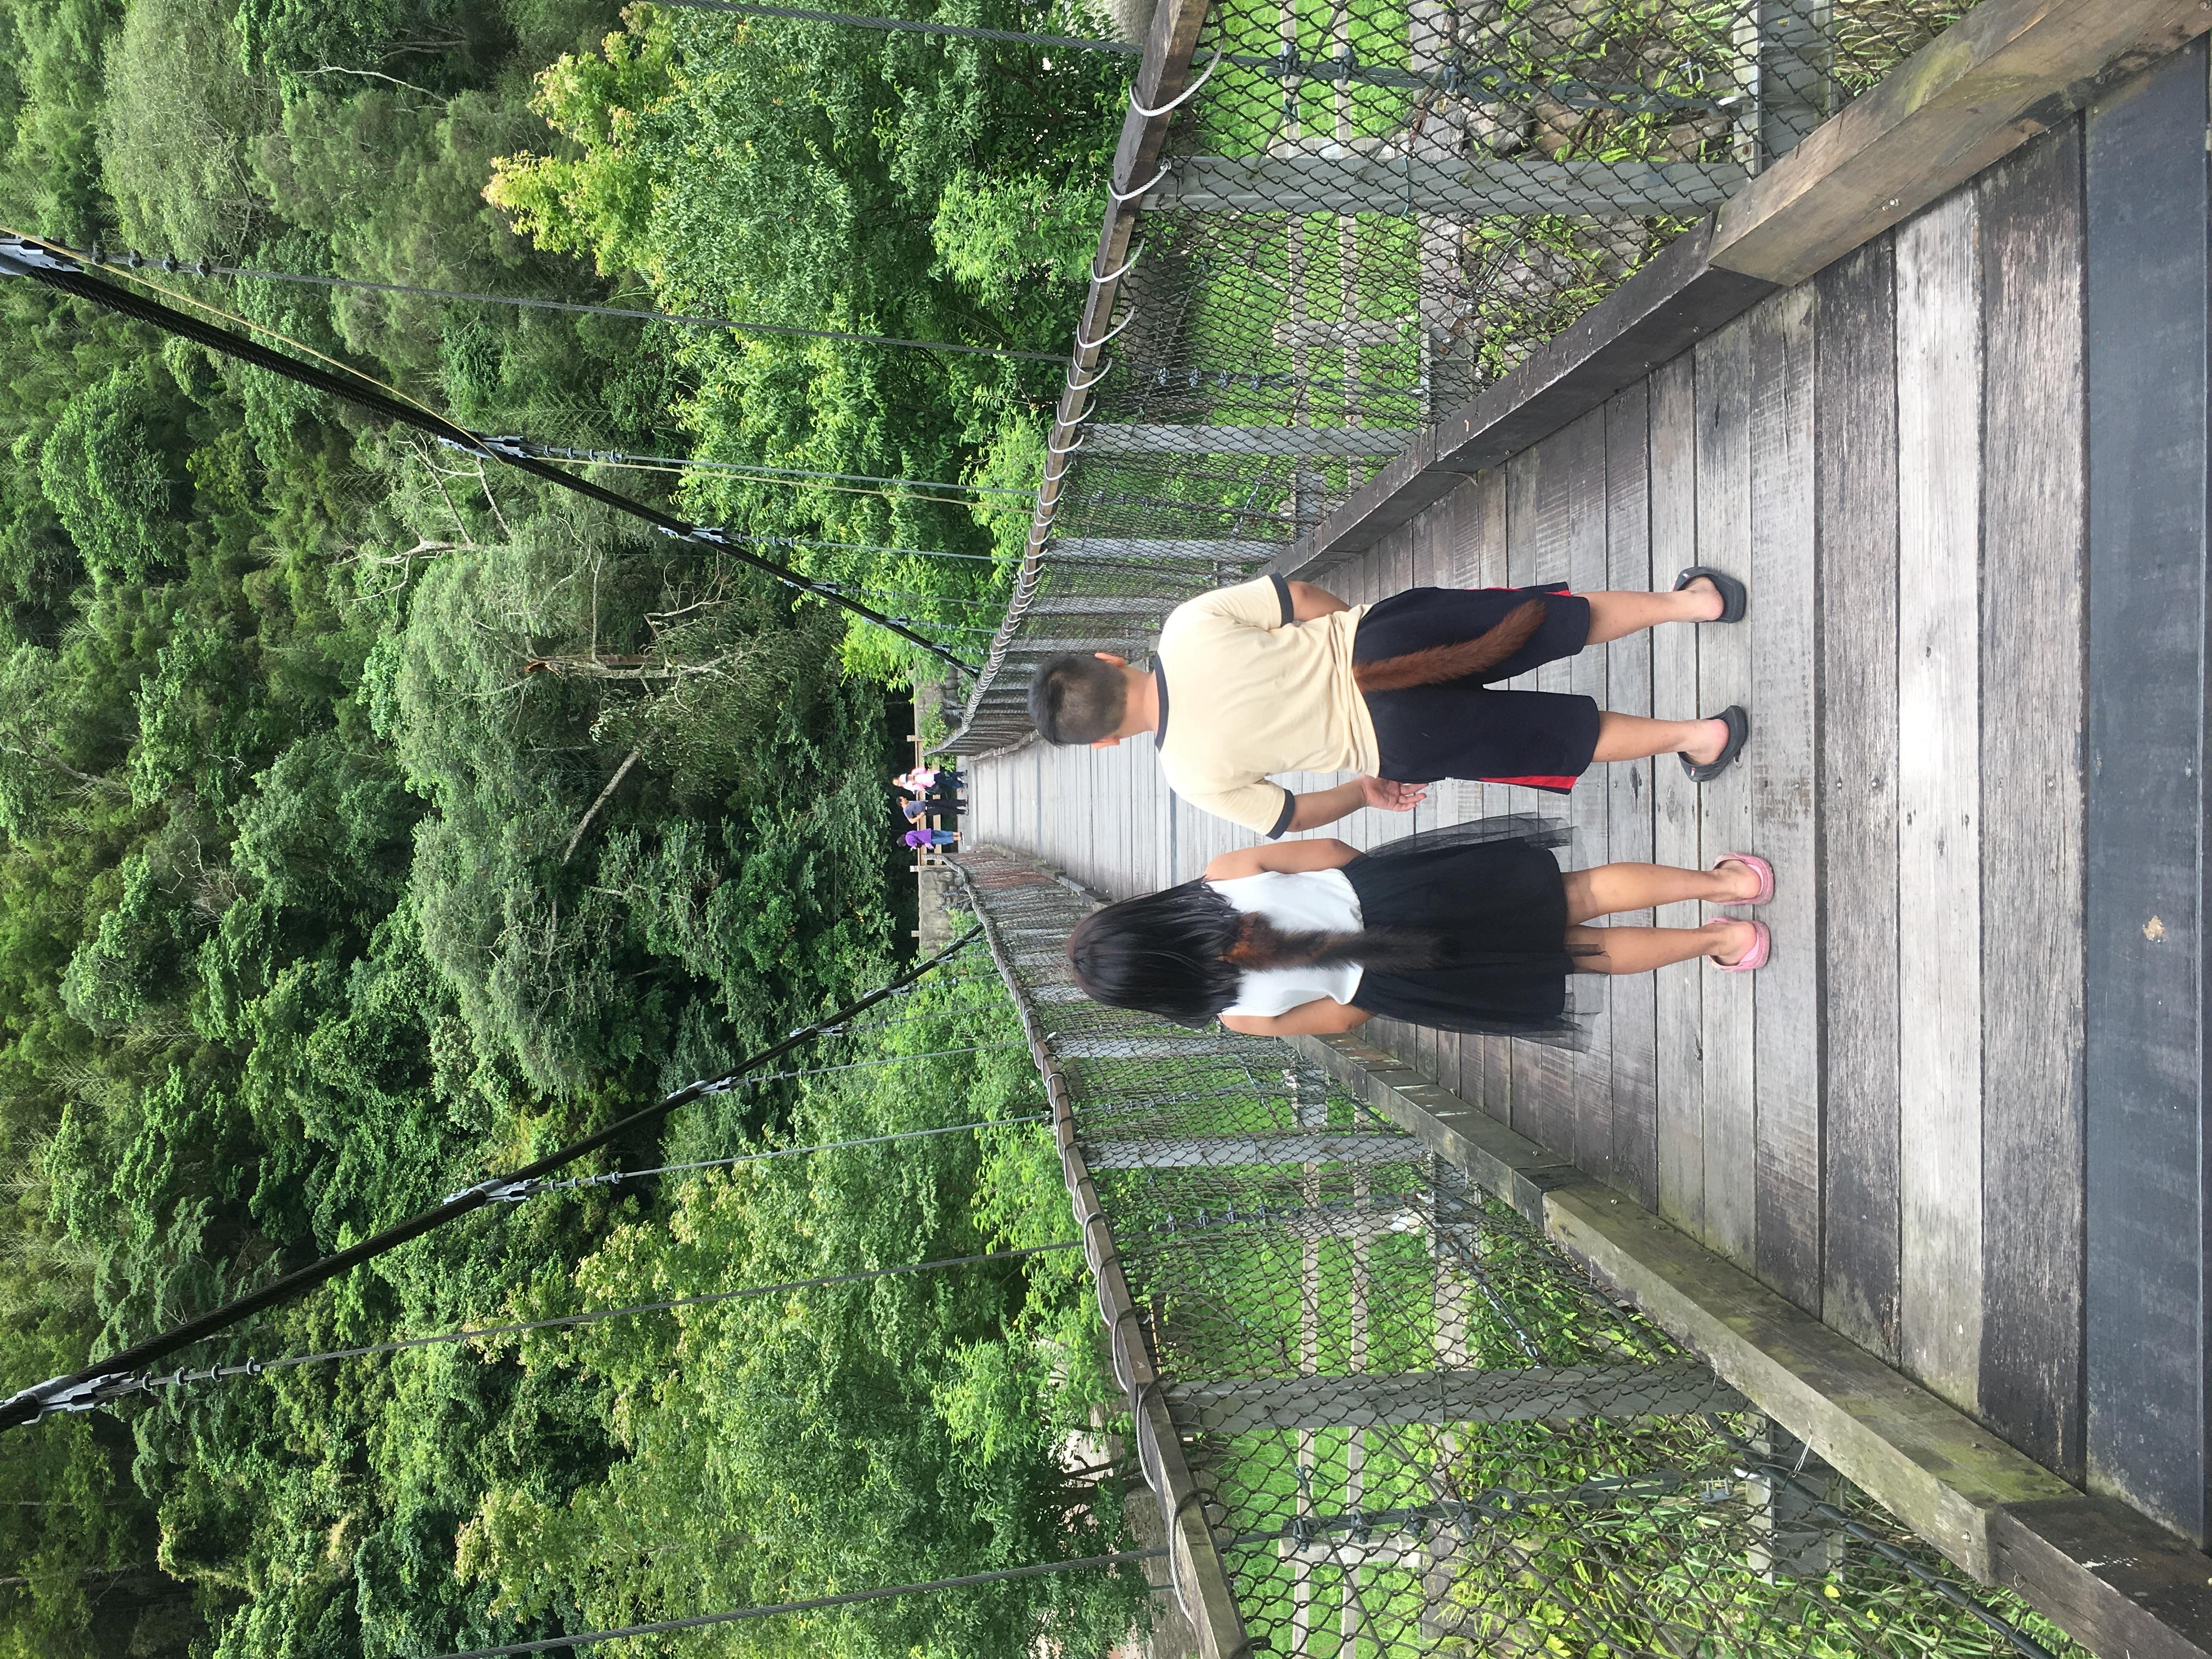 新竹旅遊。五峰、清泉。原住民族館。張學良故居。將軍湯。三毛故居【Miss飛妮】 @Miss 飛妮